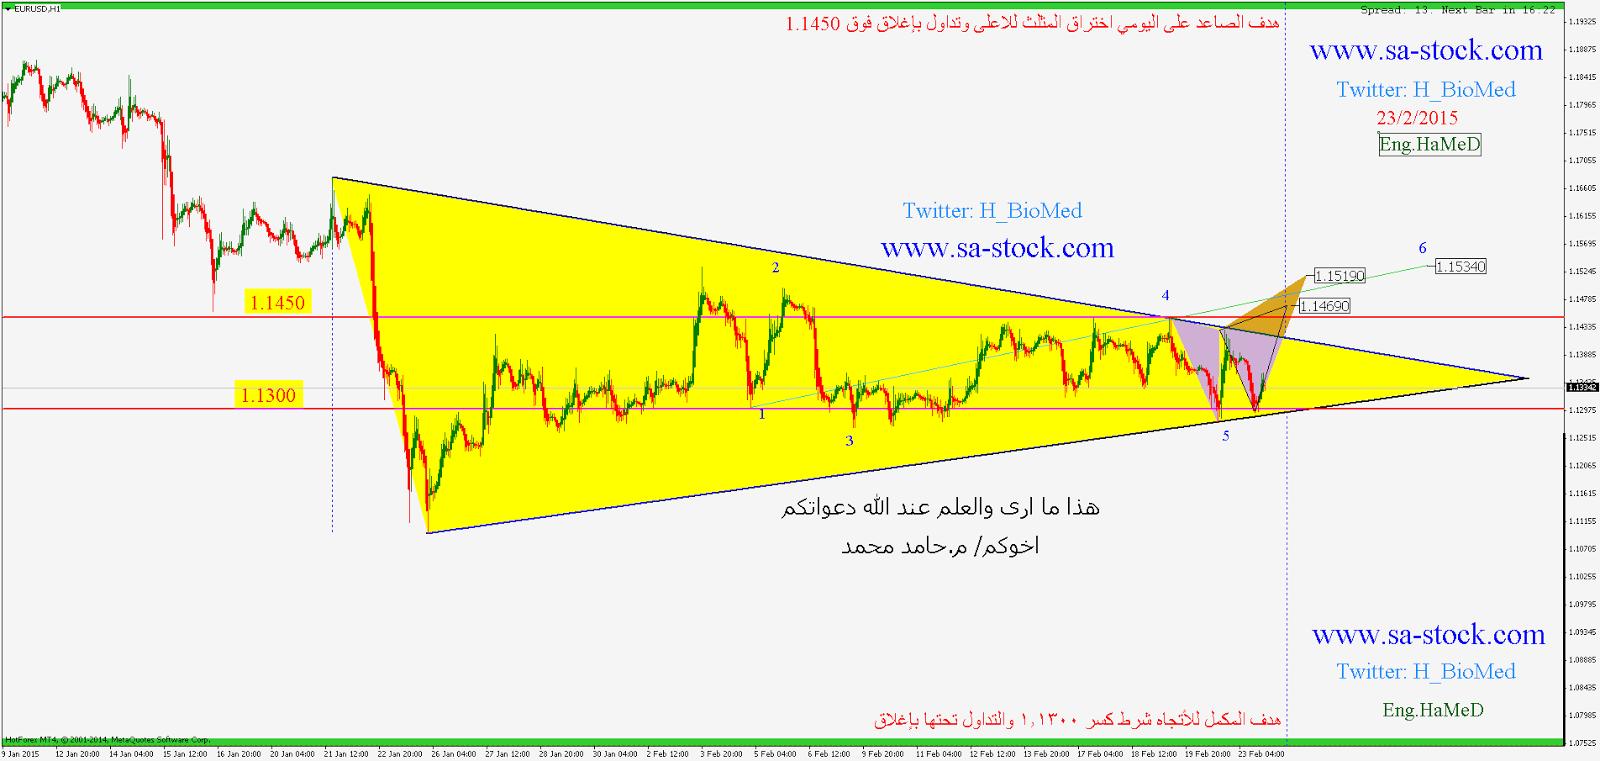 تحليل اليورو دولار بالتفصيل وشرح صفقة اليورو دولار